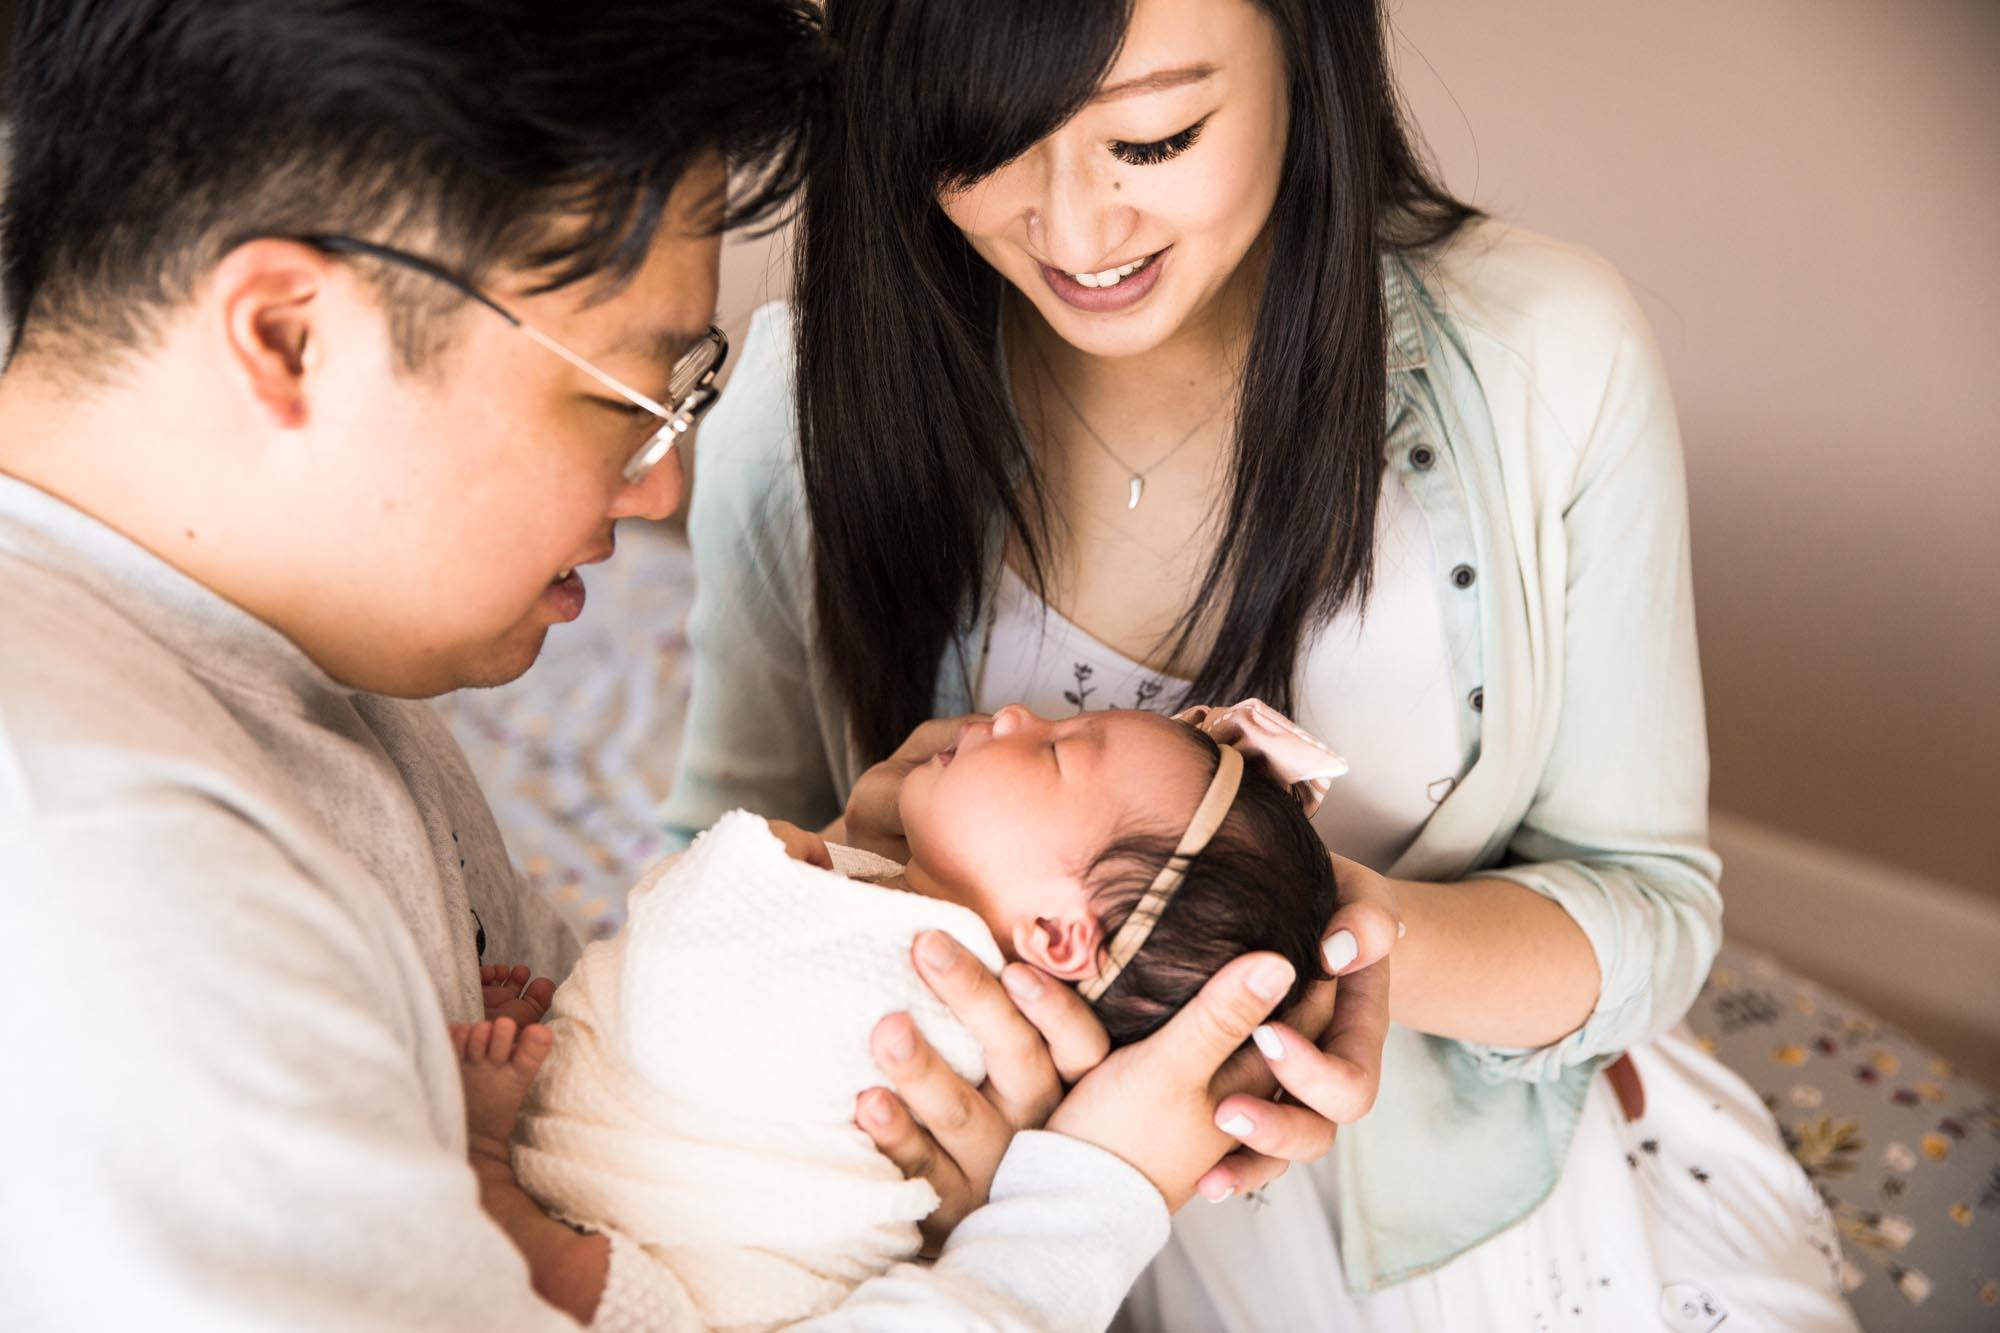 Calgary lifestyle newborn photographer - newborn baby with family